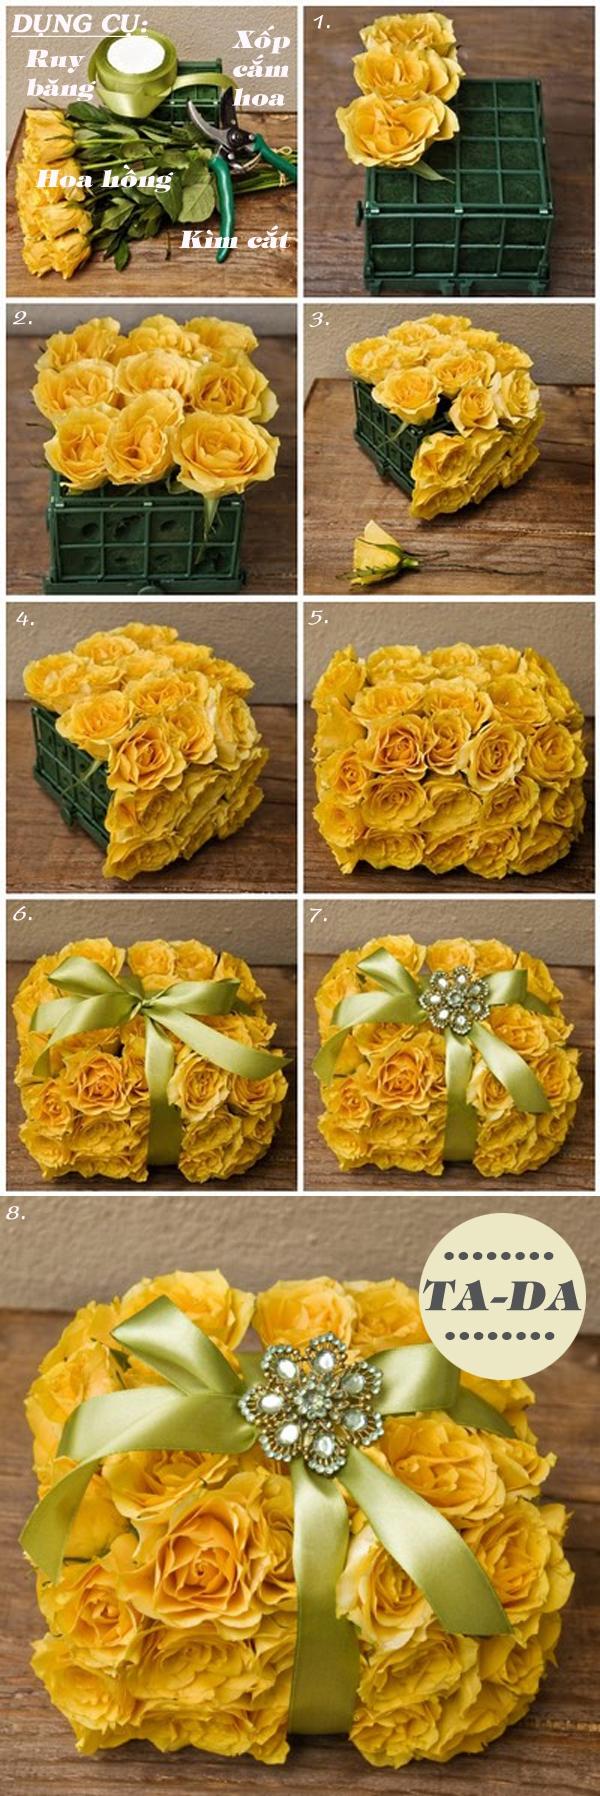 3 cách cắm hoa hồng cho bạn vụng về 1